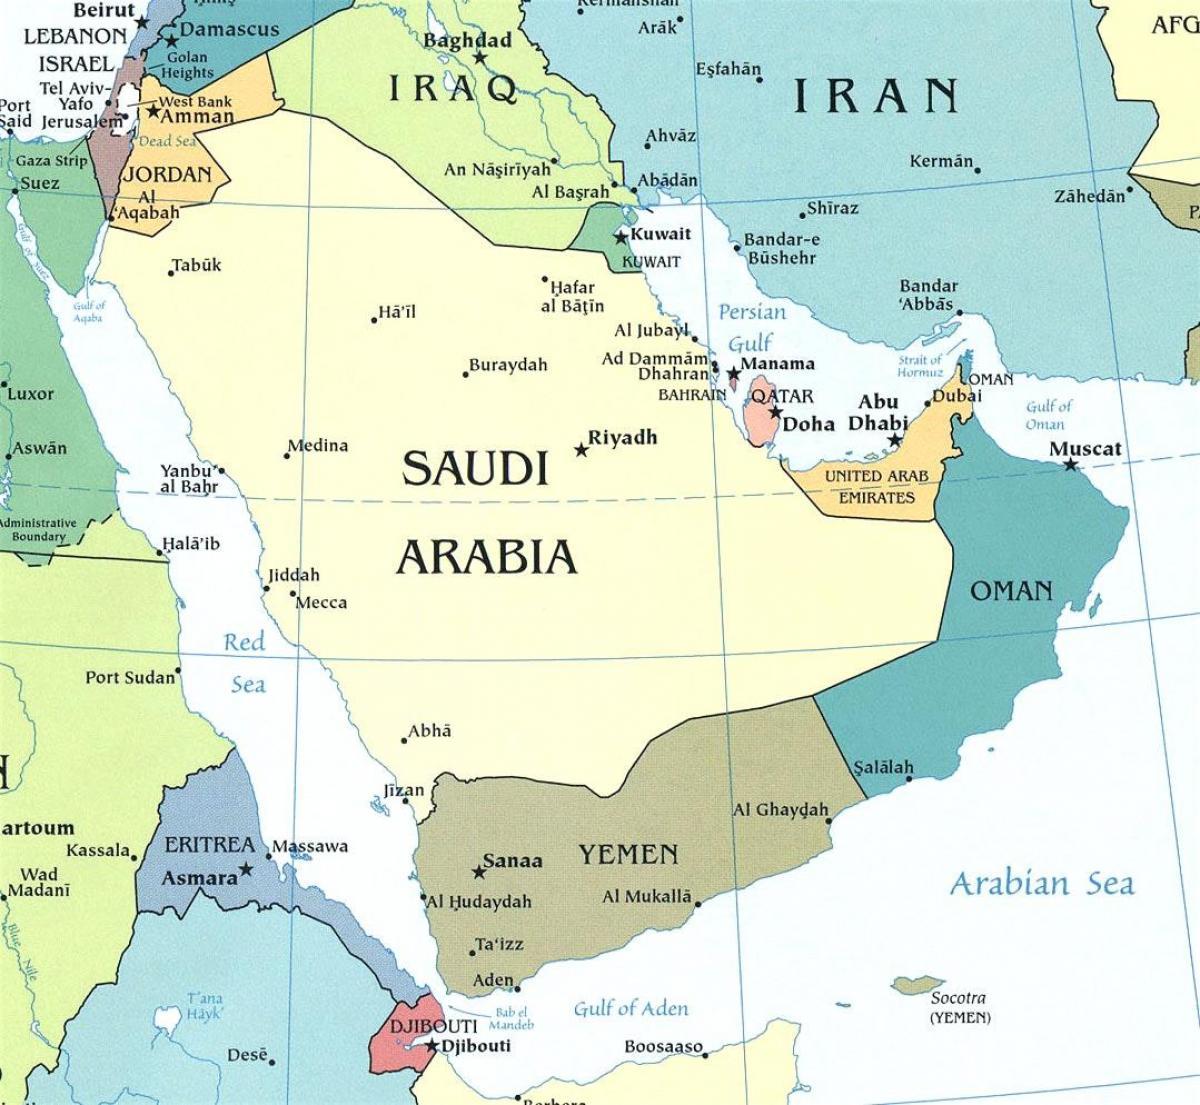 Cartina Asia Occidentale.Mappa Della Penisola Arabica Mappa Della Penisola Arabica Asia Occidentale Asia